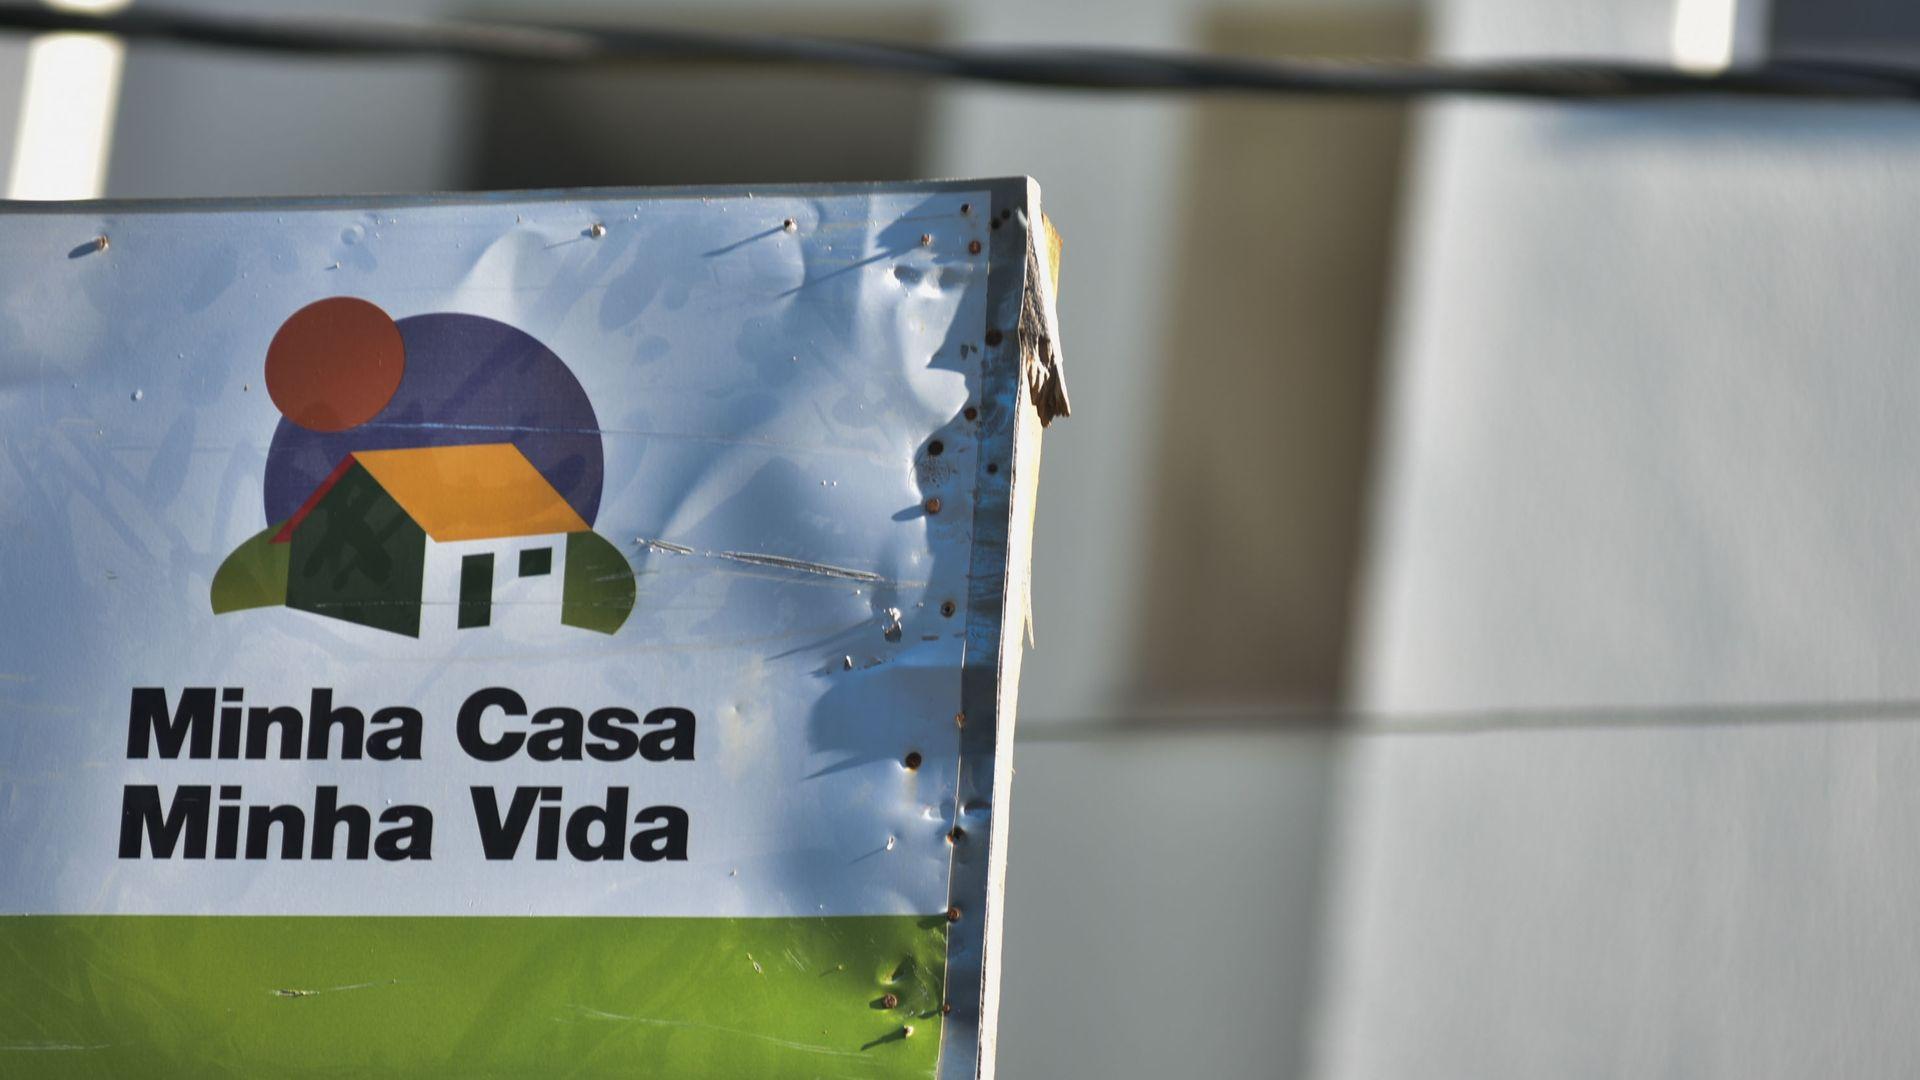 Residencial Limão, no bairro Antônio Ferreira Borges, em Cariacica, do Programa MInha Casa Minha Vida